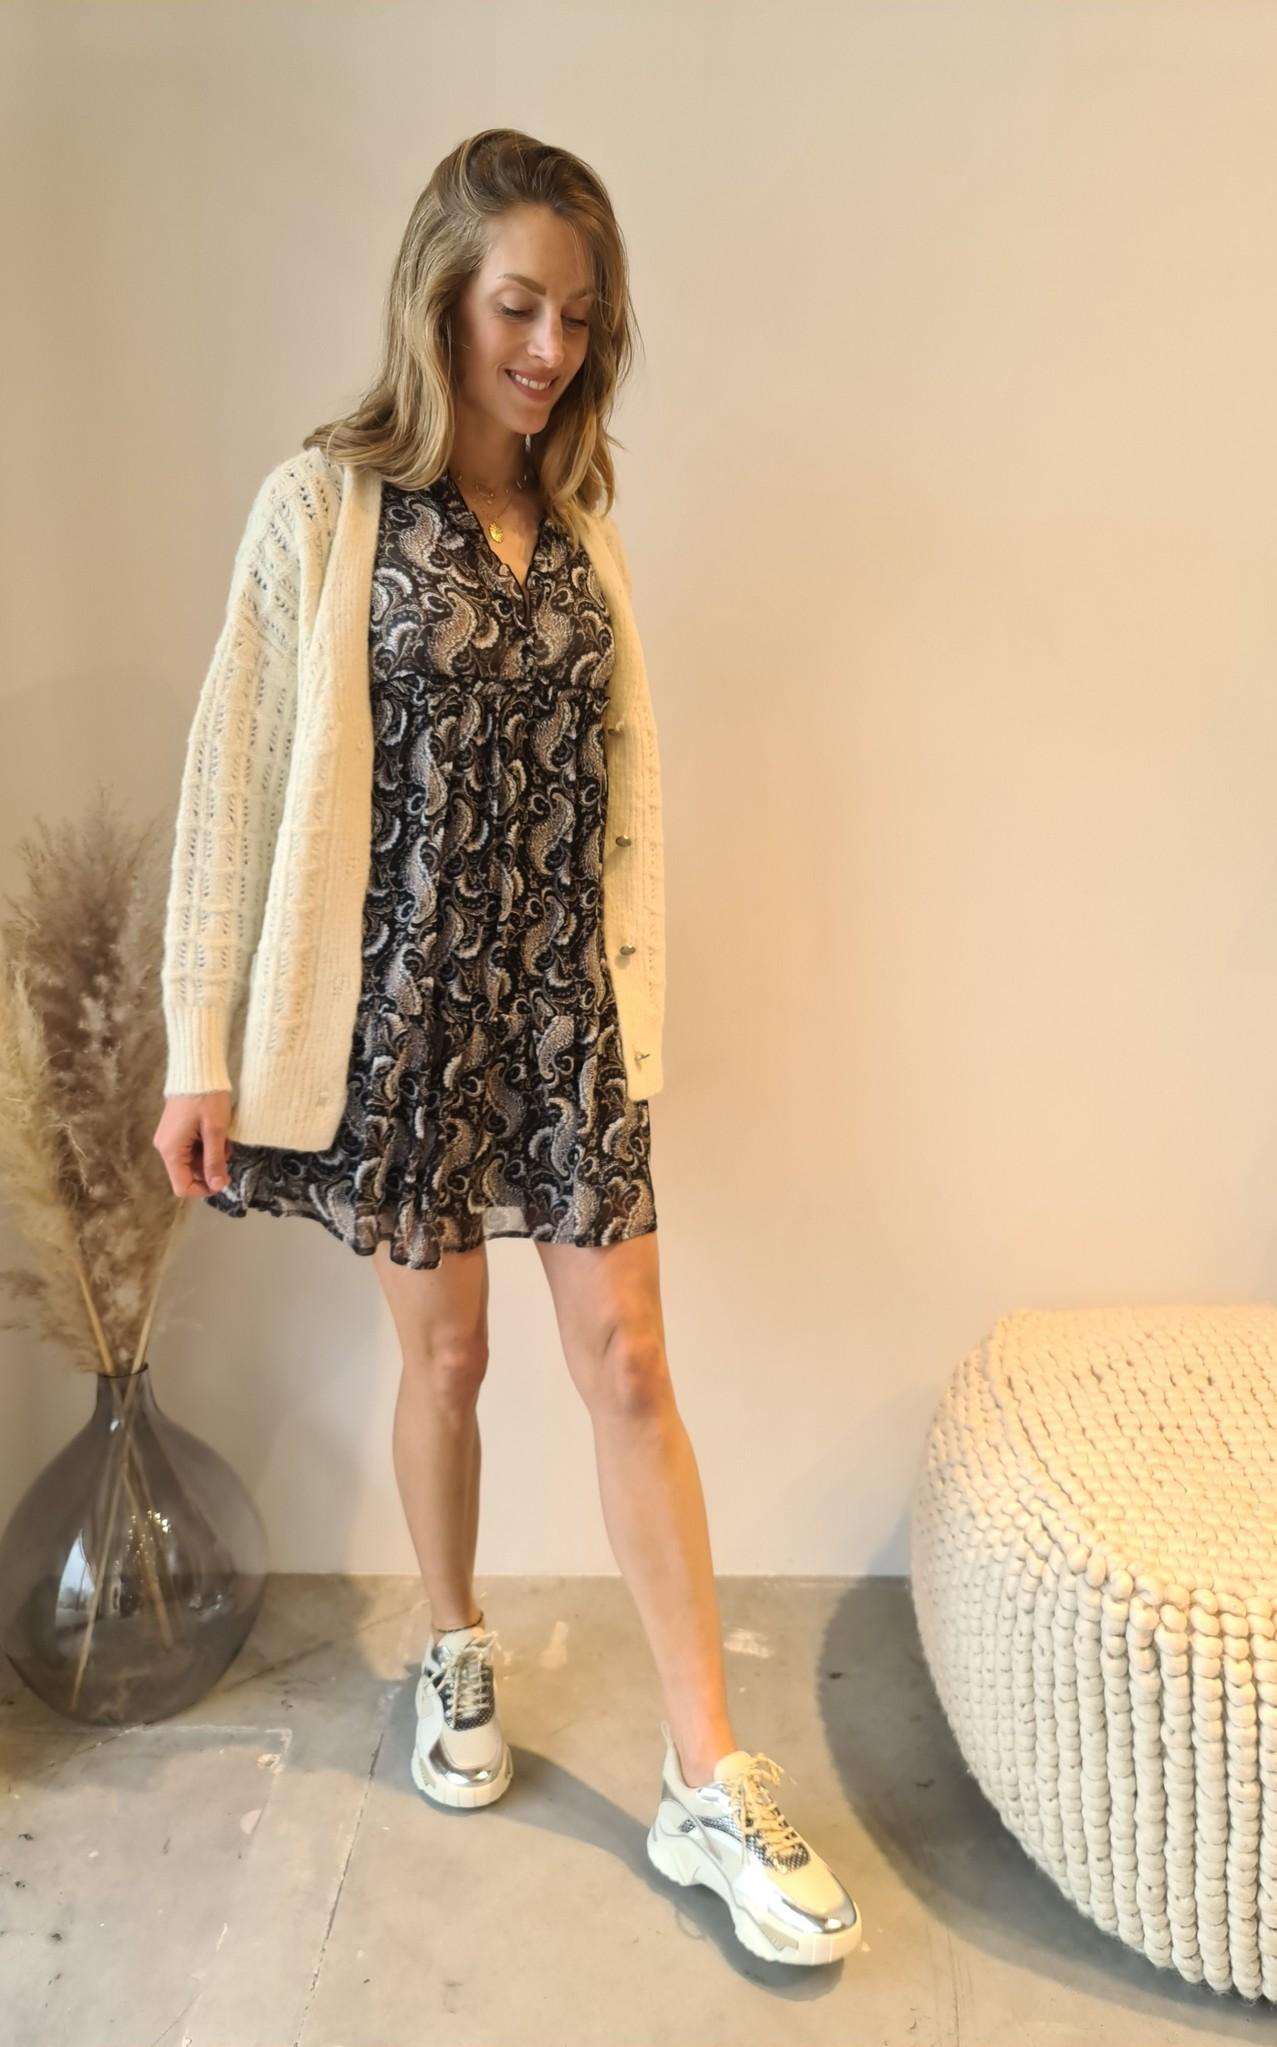 ROMANE robe-9